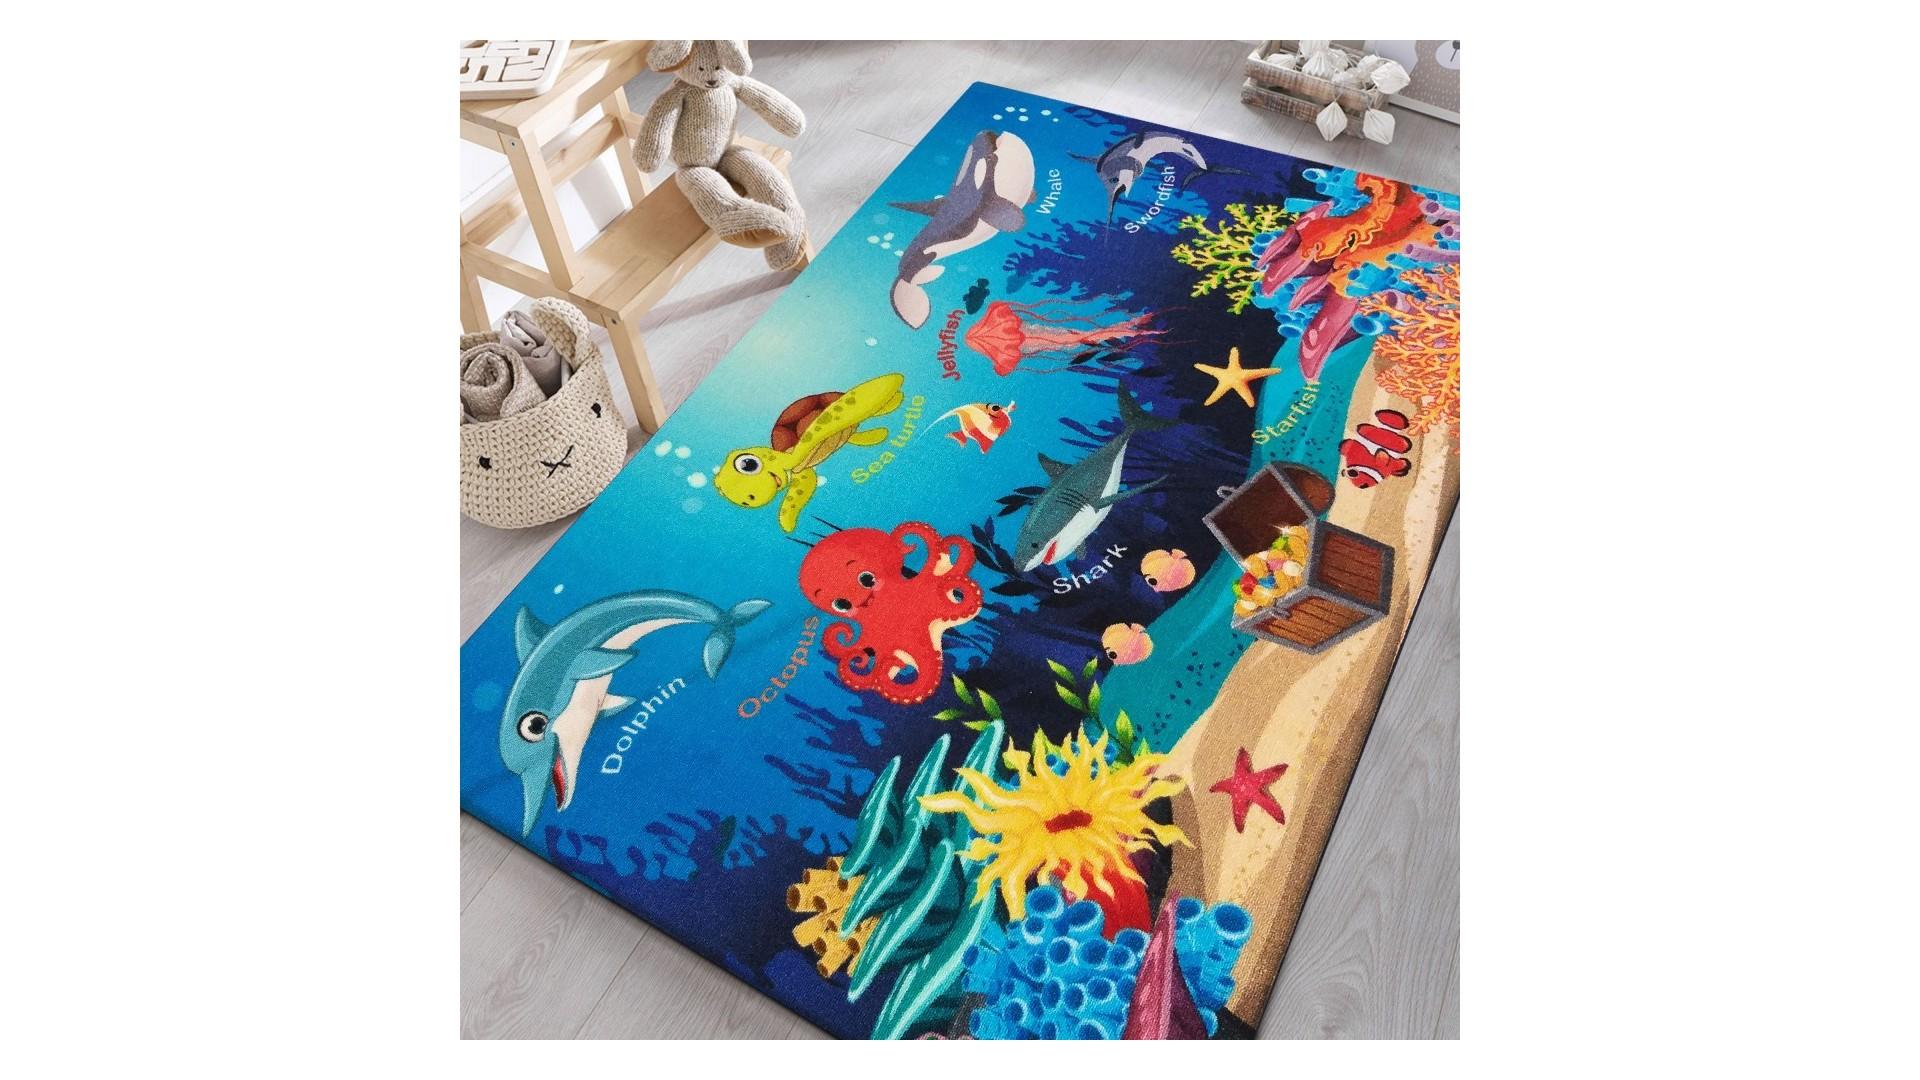 Kolorowy dywanik do pokoju dziecięcego z najnowszej kolekcji KIDS.